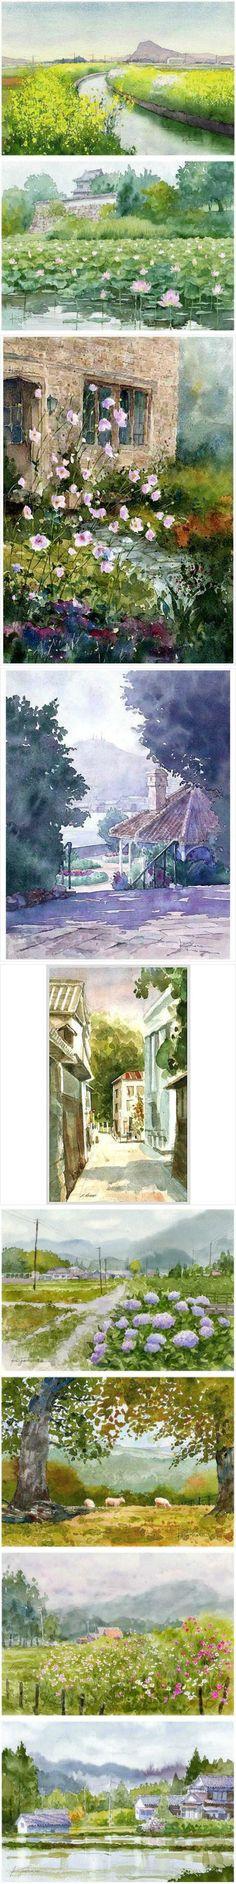 水彩风景画——来自日本福岡的艺术家楢崎清春